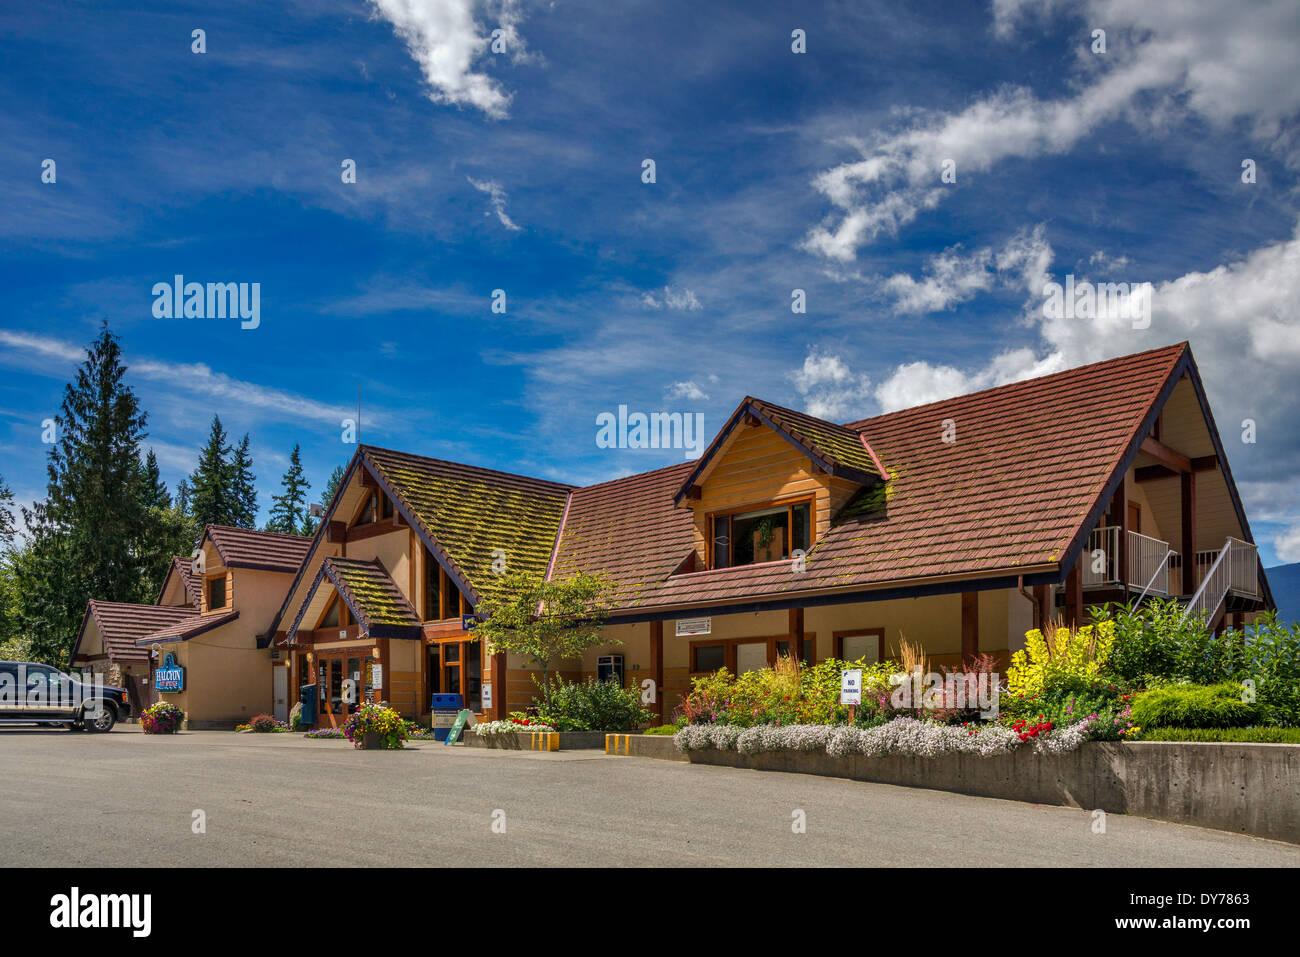 El Halcyon Hot Springs Resort and Spa, a través de la flecha superior, cerca de lago de Nakusp, región oeste de Kootenay, British Columbia, Canadá Foto de stock